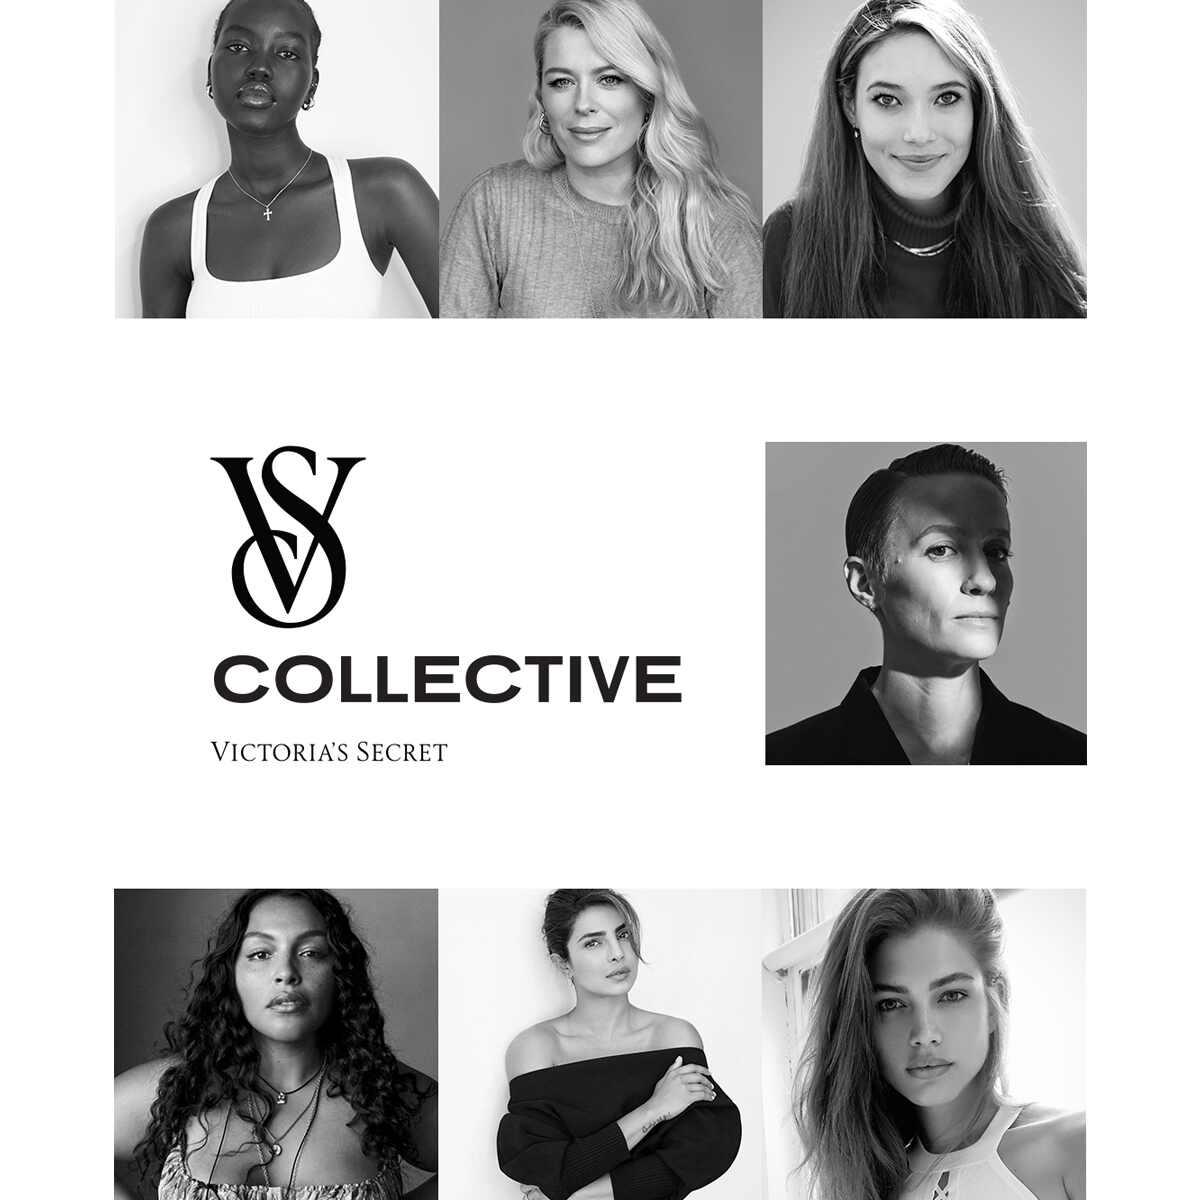 The Victoria Secret Collective